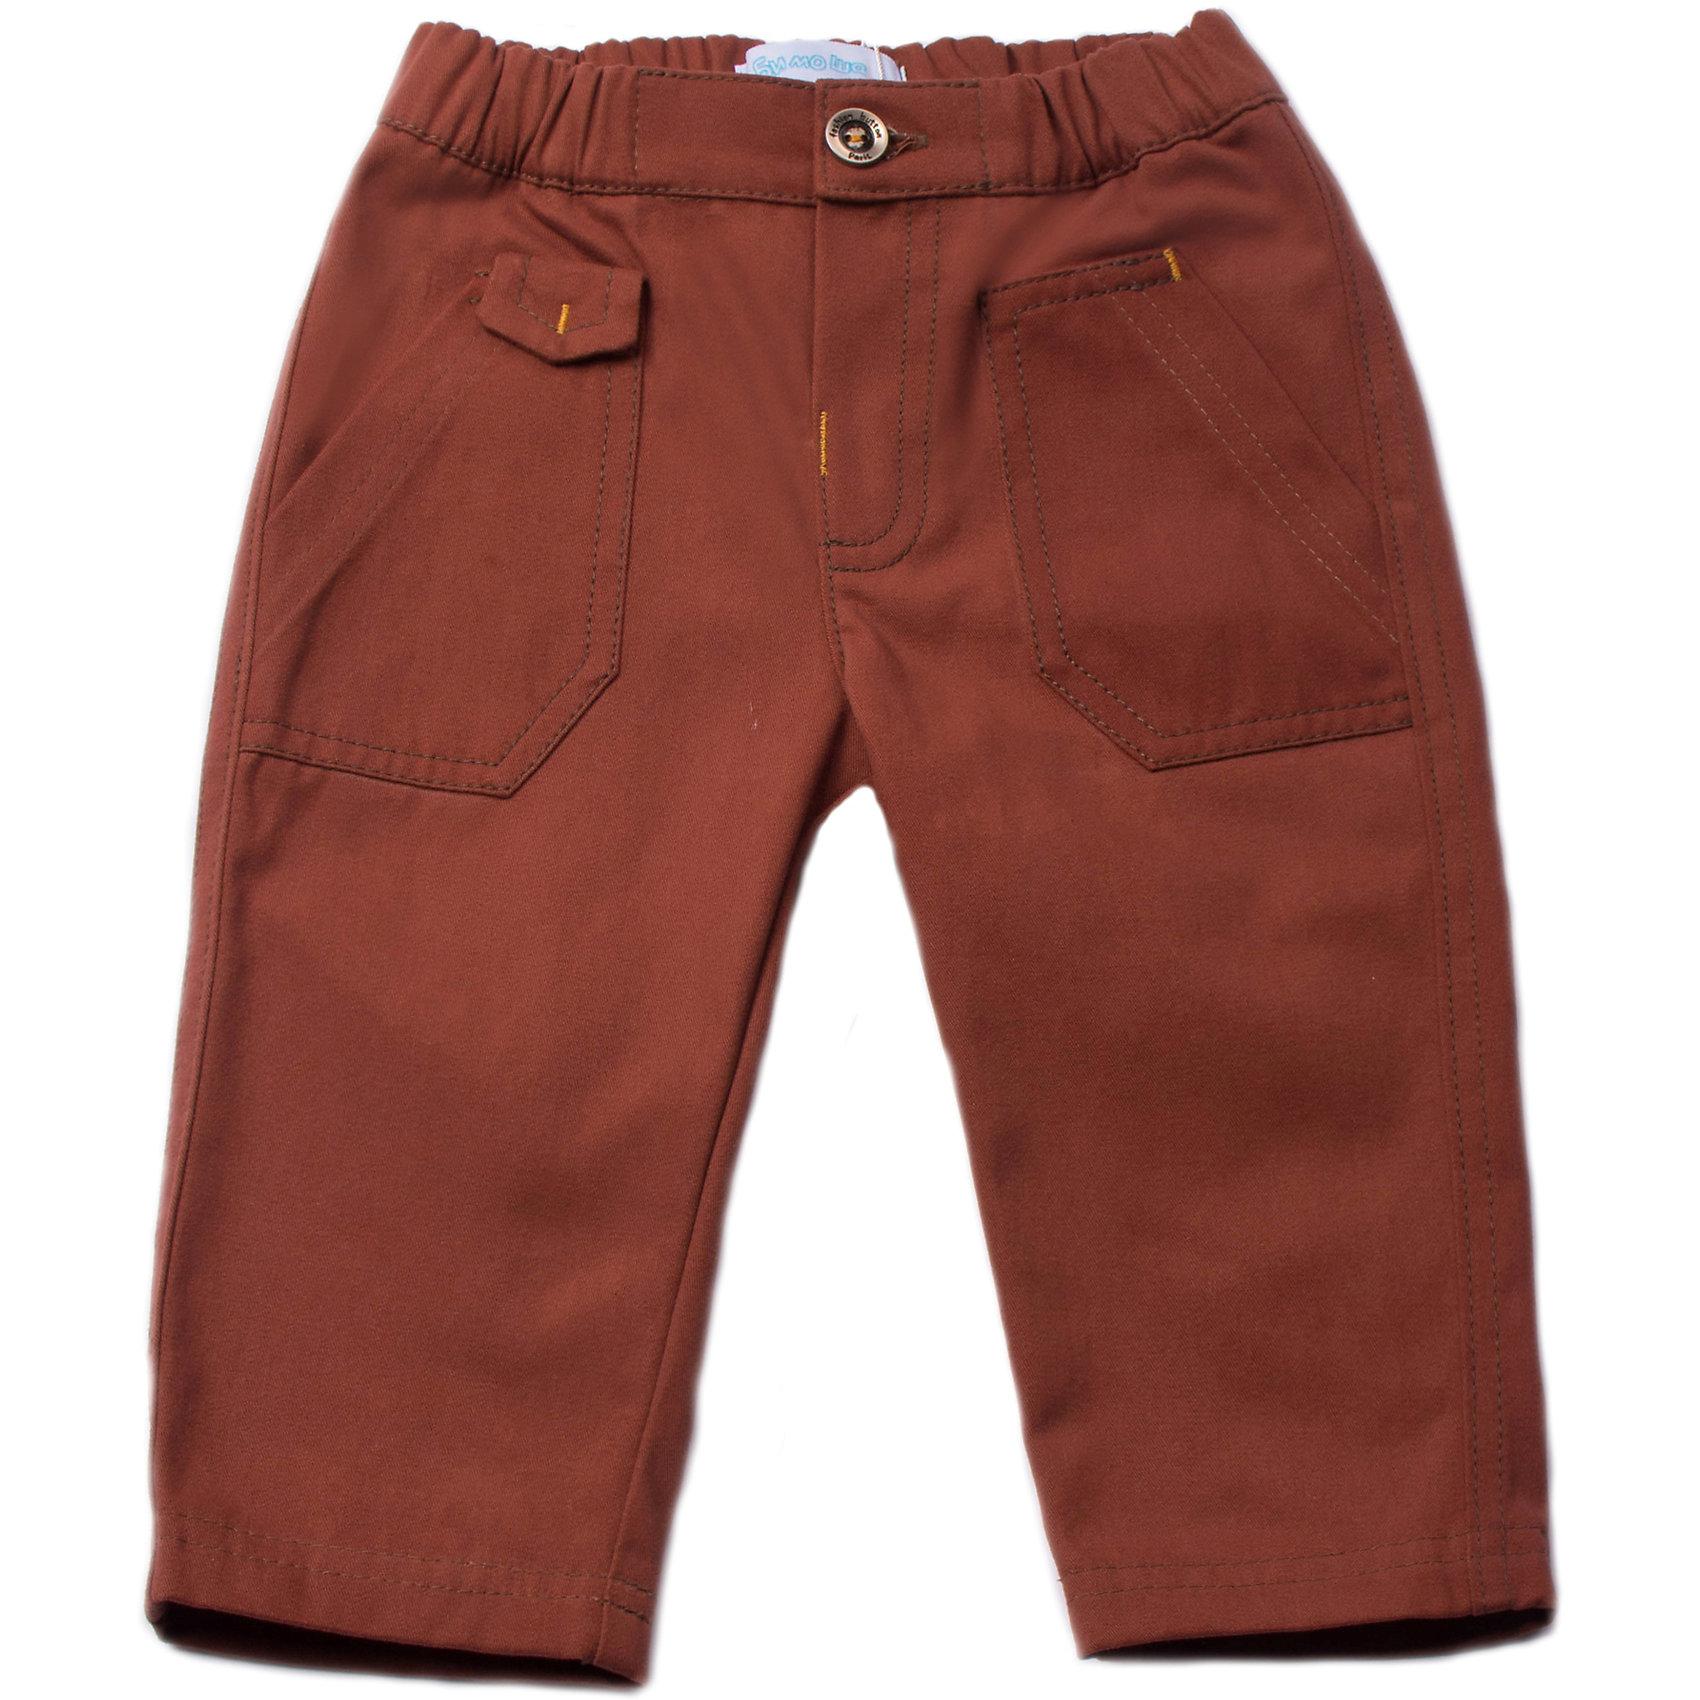 Брюки для мальчика БимошаБрюки для мальчика от марки Бимоша.<br>Однотонные  брюки на резинке дополнены двумя  карманами спереди, застежка молния+пуговица<br>Состав:<br>твил 100%хлопок<br><br>Ширина мм: 215<br>Глубина мм: 88<br>Высота мм: 191<br>Вес г: 336<br>Цвет: коричневый<br>Возраст от месяцев: 6<br>Возраст до месяцев: 9<br>Пол: Мужской<br>Возраст: Детский<br>Размер: 74,80,86,92<br>SKU: 4578577